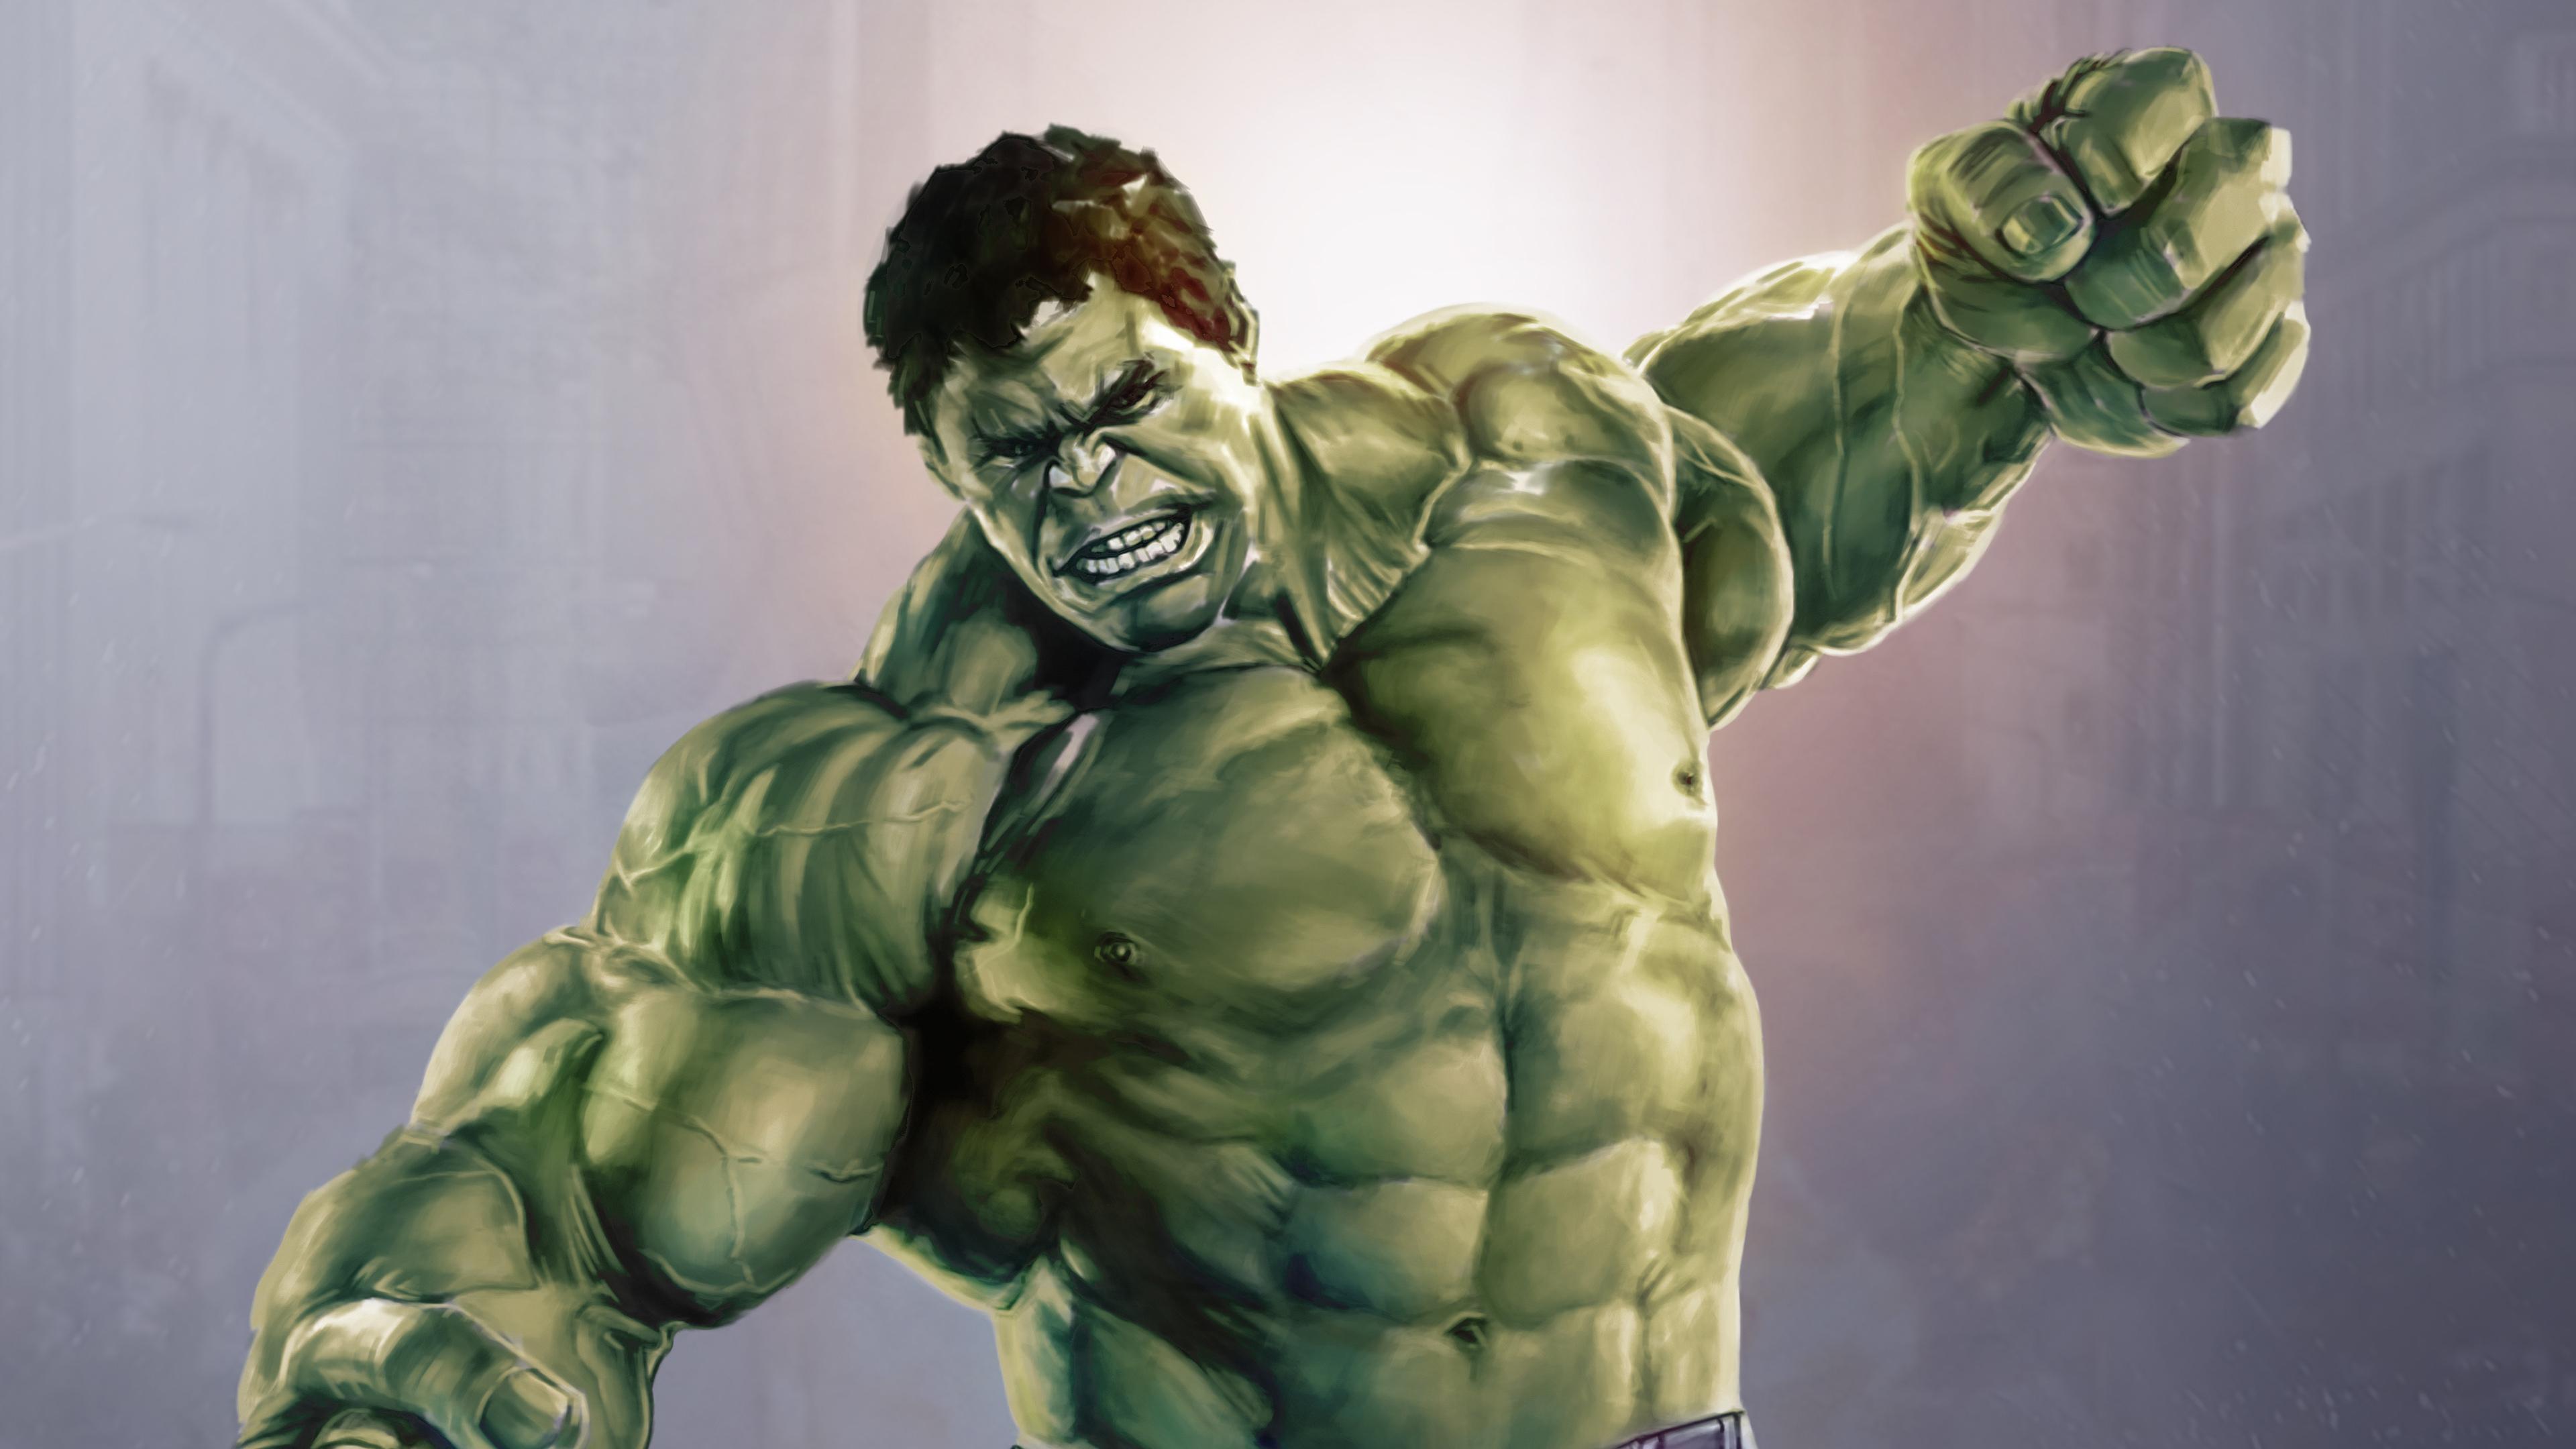 incredible hulk avengers 4k 1556184875 - Incredible Hulk Avengers 4k - superheroes wallpapers, hulk wallpapers, hd-wallpapers, digital art wallpapers, behance wallpapers, artwork wallpapers, 4k-wallpapers